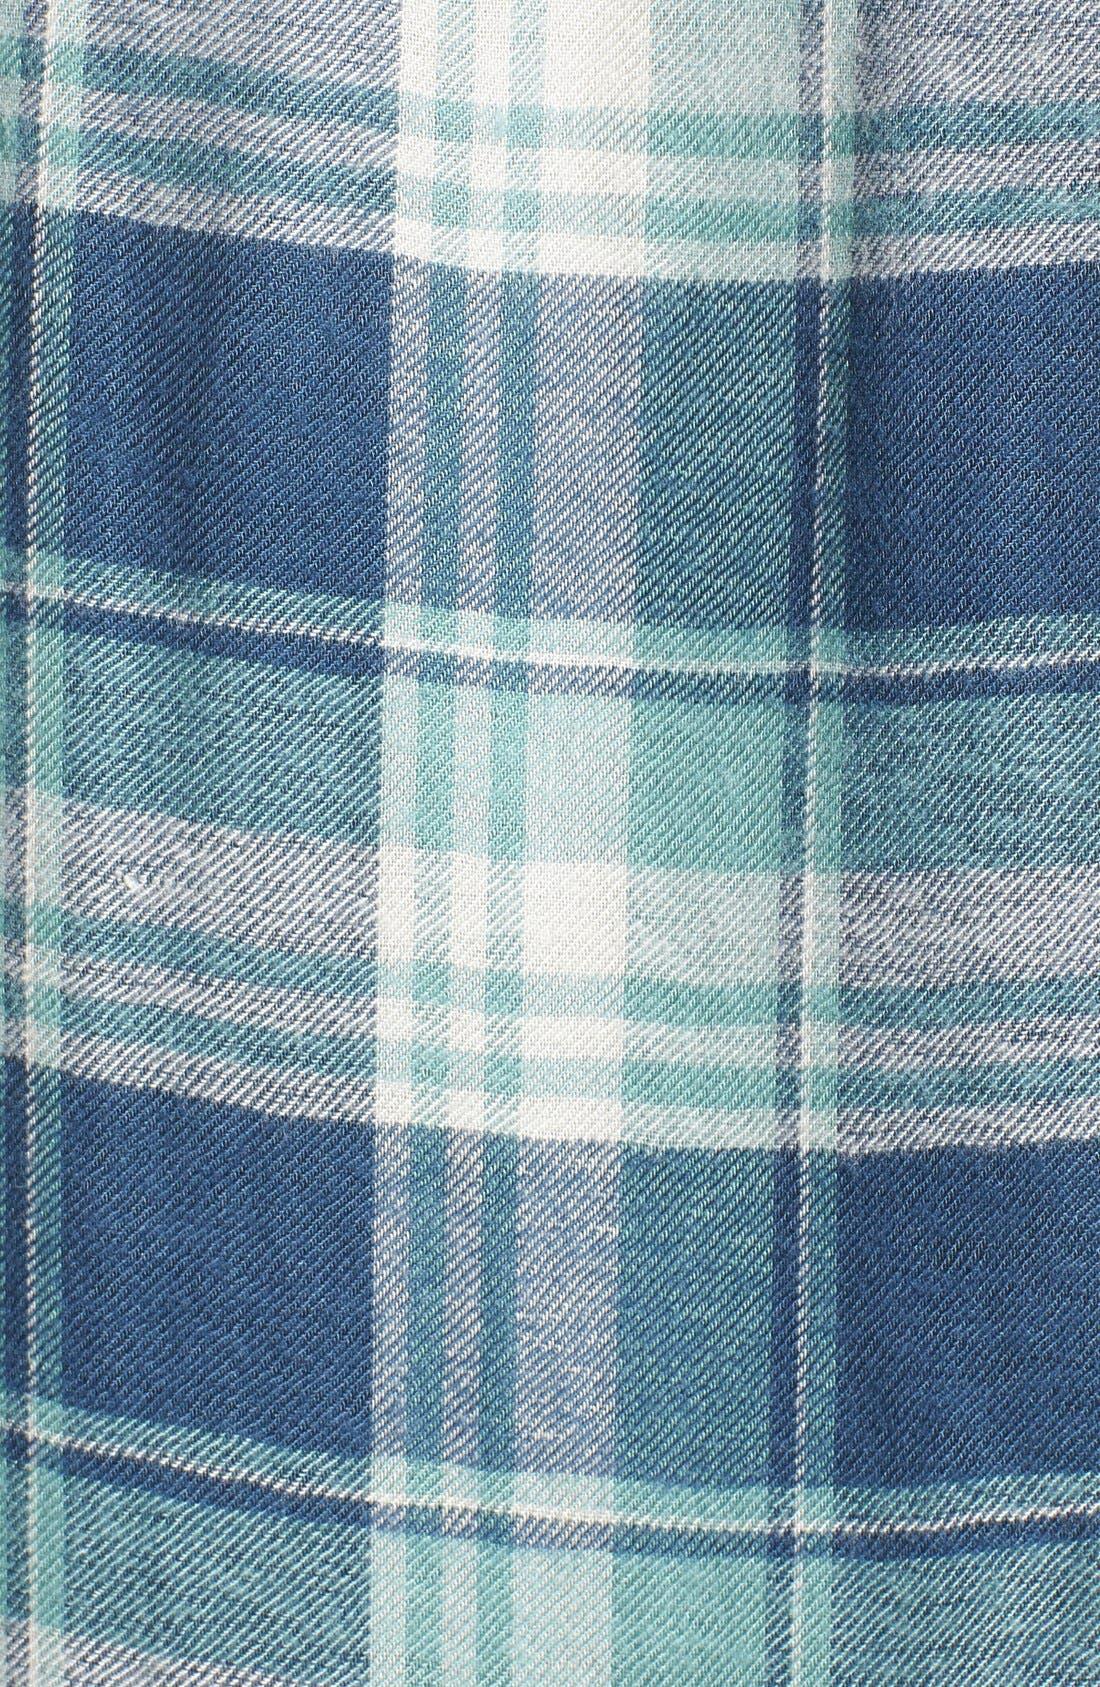 PAIGE,                             Denim 'Trudy' Plaid Shirt,                             Alternate thumbnail 5, color,                             423